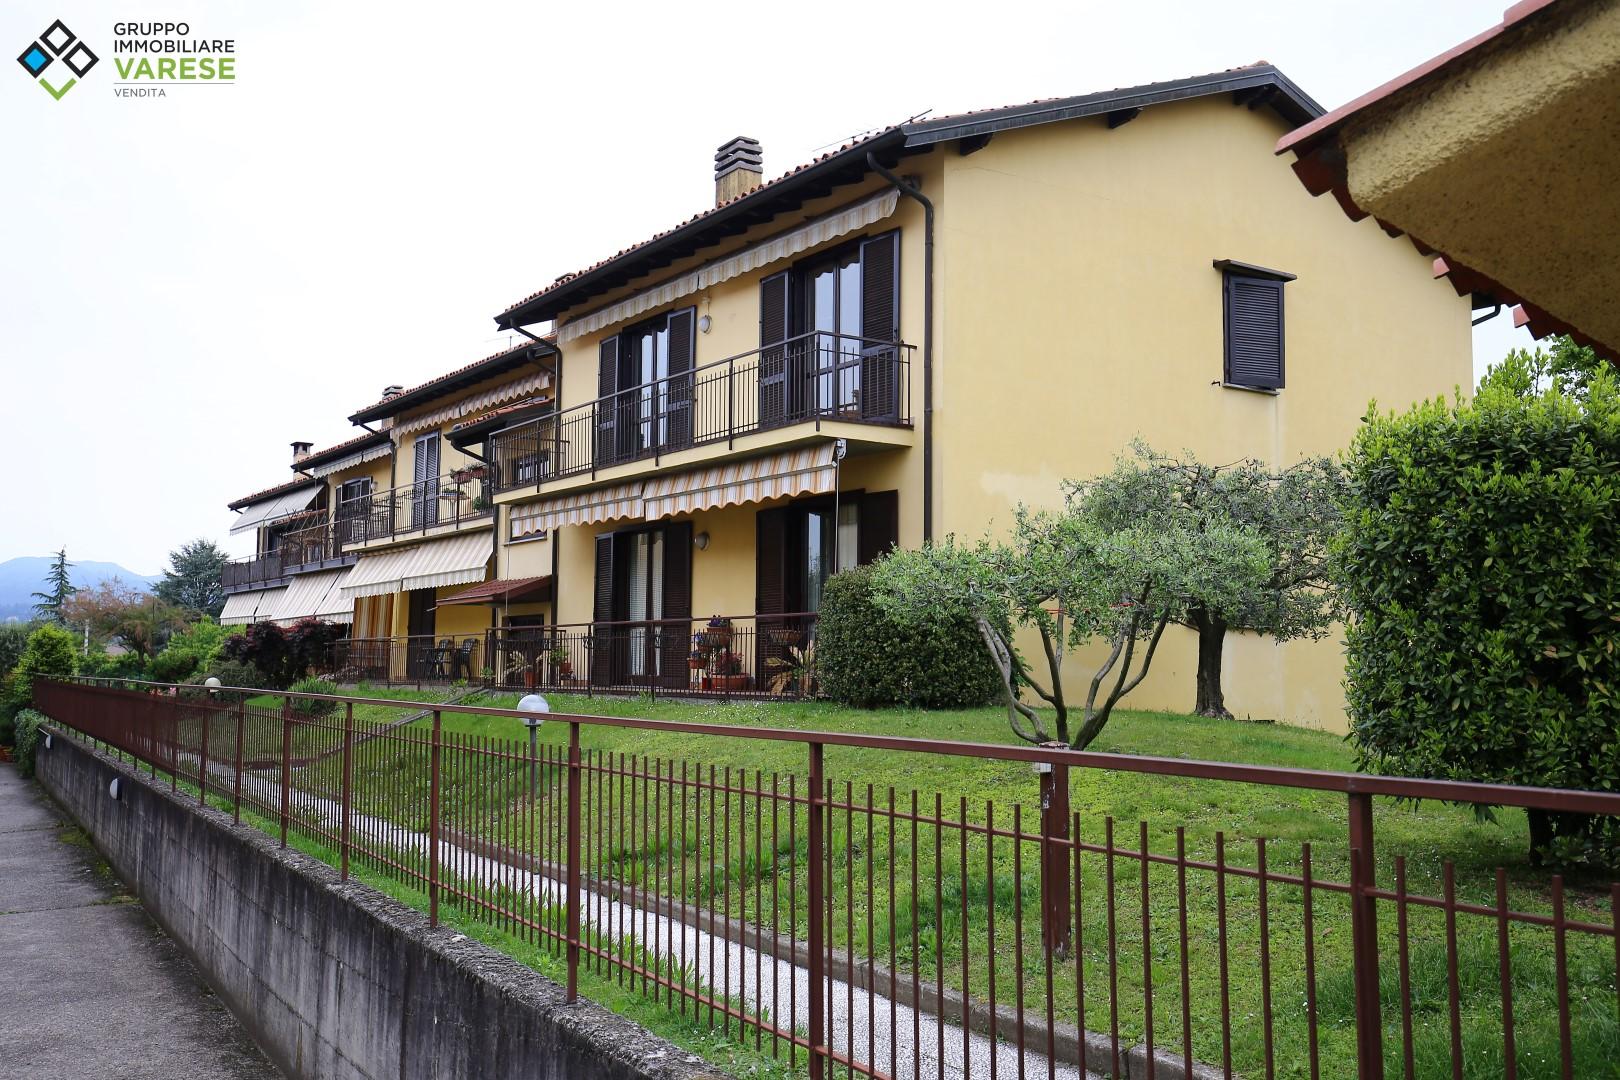 Appartamento in vendita a Buguggiate, 4 locali, prezzo € 159.000 | CambioCasa.it